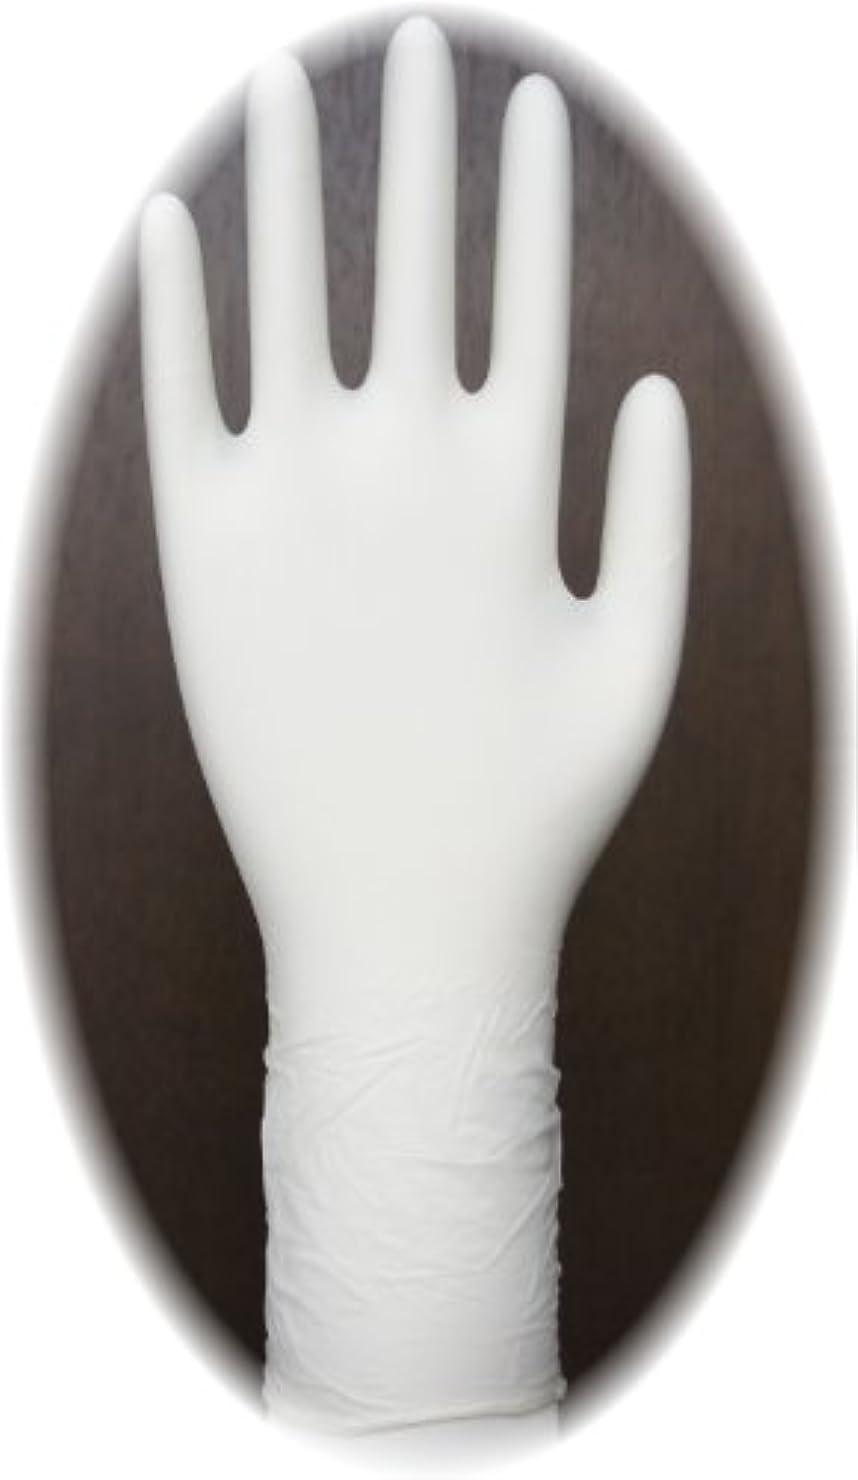 女将公平な彼らは三高サプライ ニトリル手袋 クラス100 クリアグリップ ロング(半透明) GN09 100枚入り M